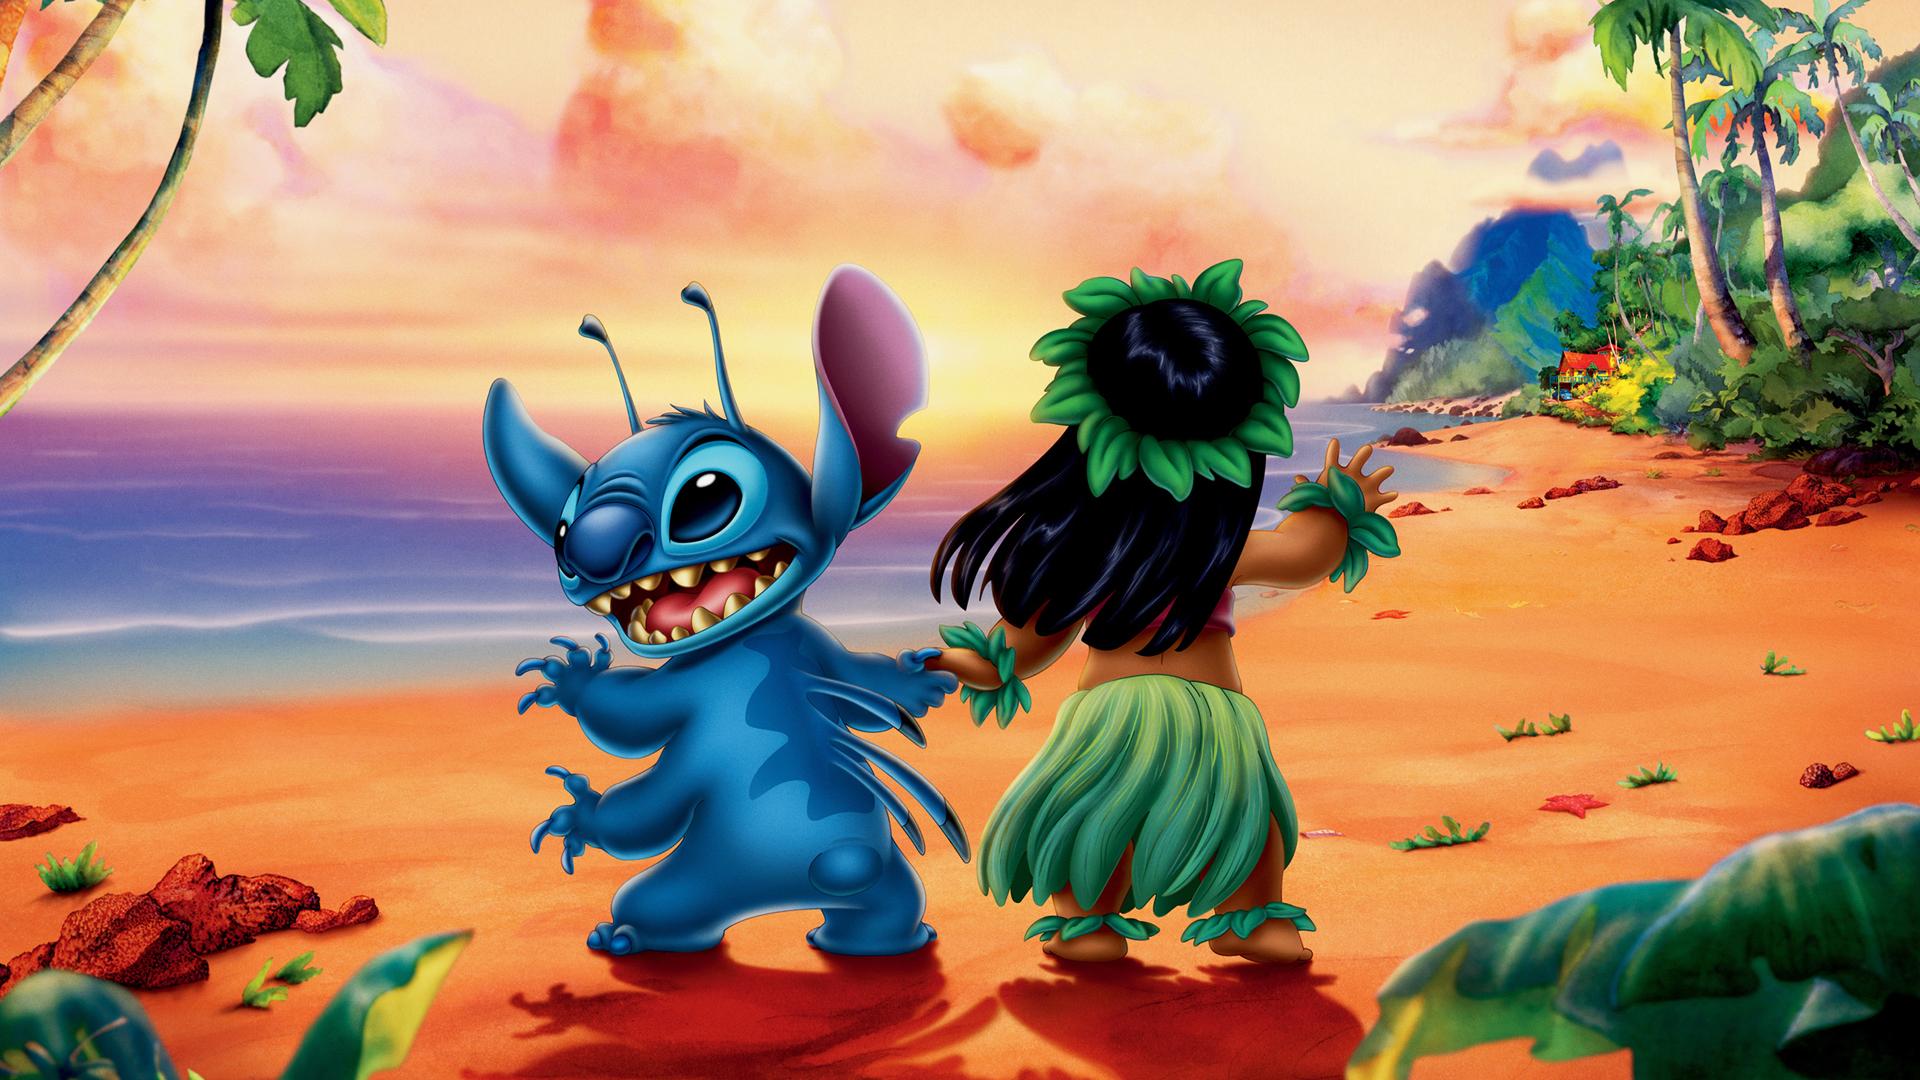 Lilo And Stitch Hula wallpaper   780626 1920x1080